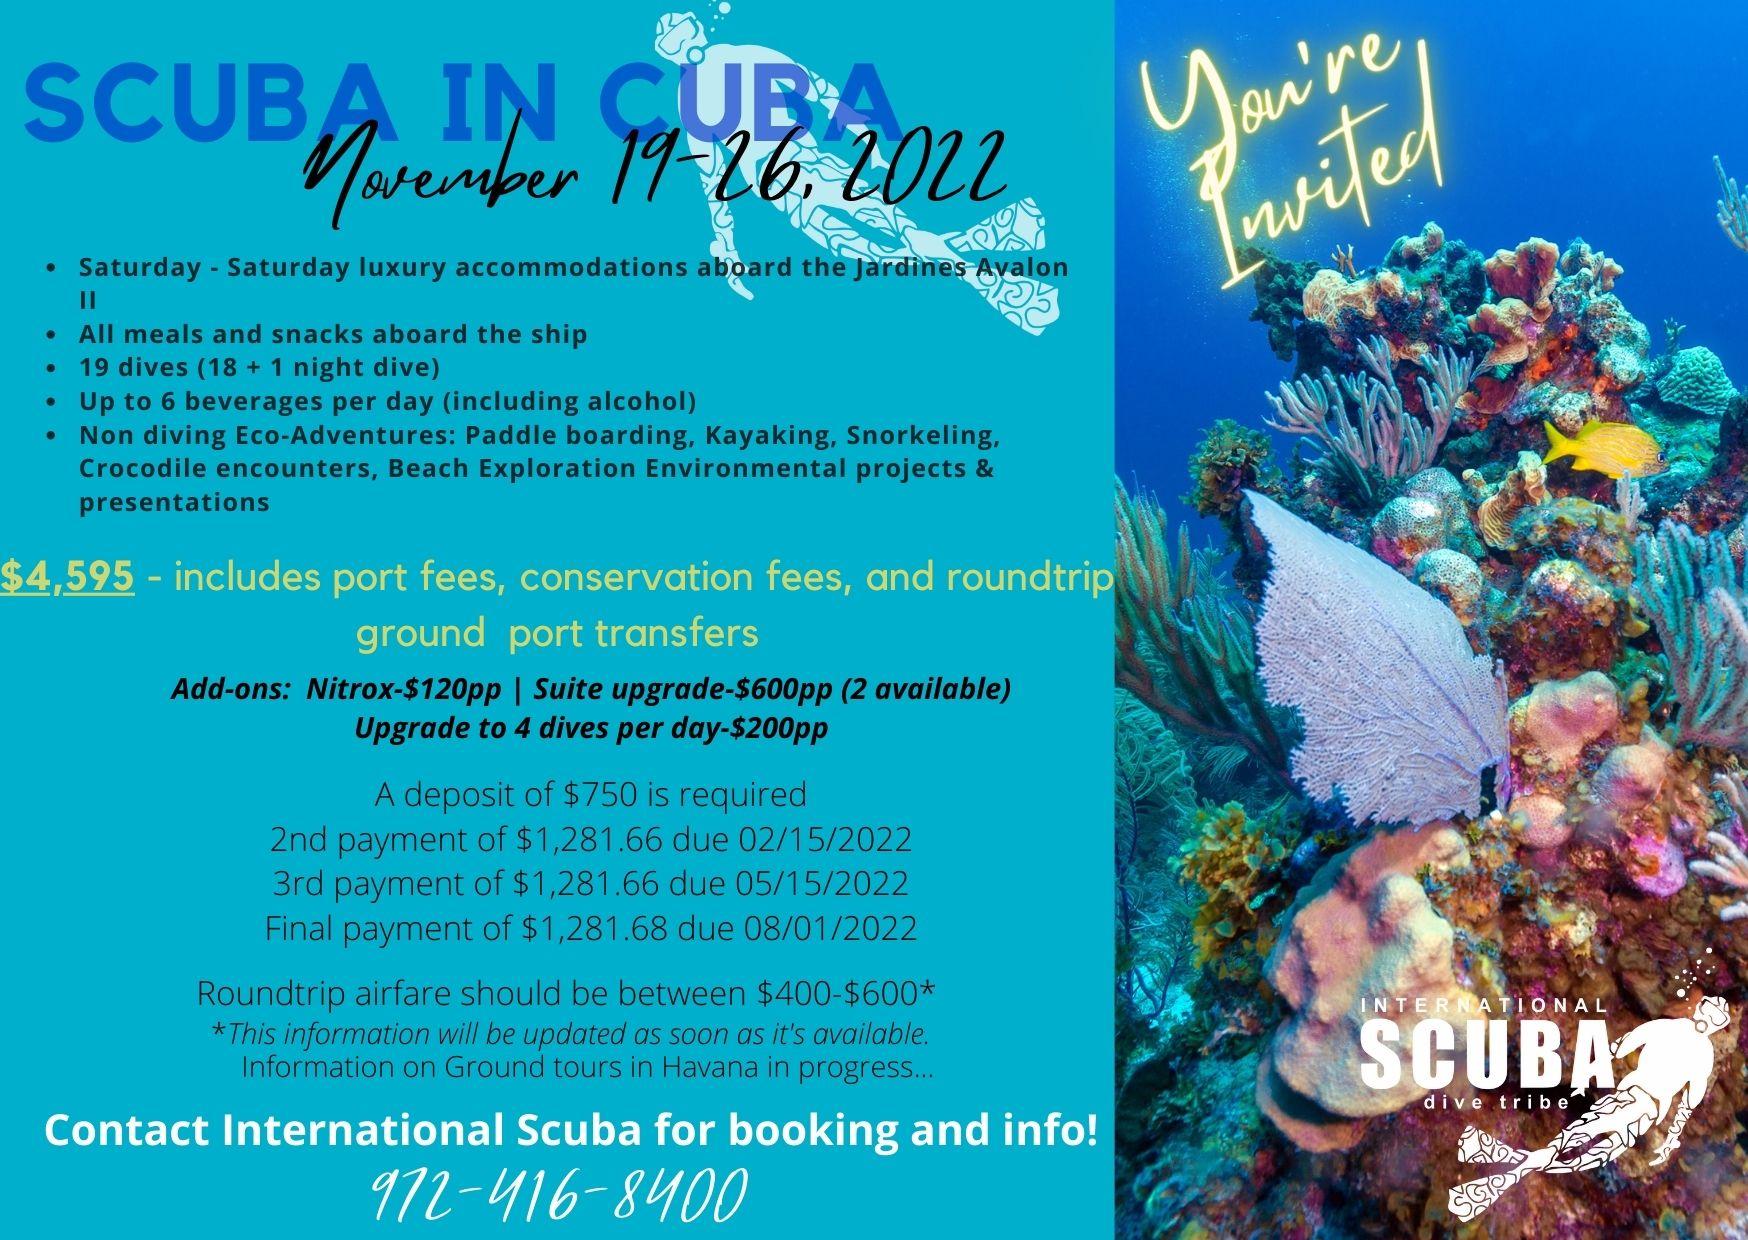 Cuba November 19-26, 2022